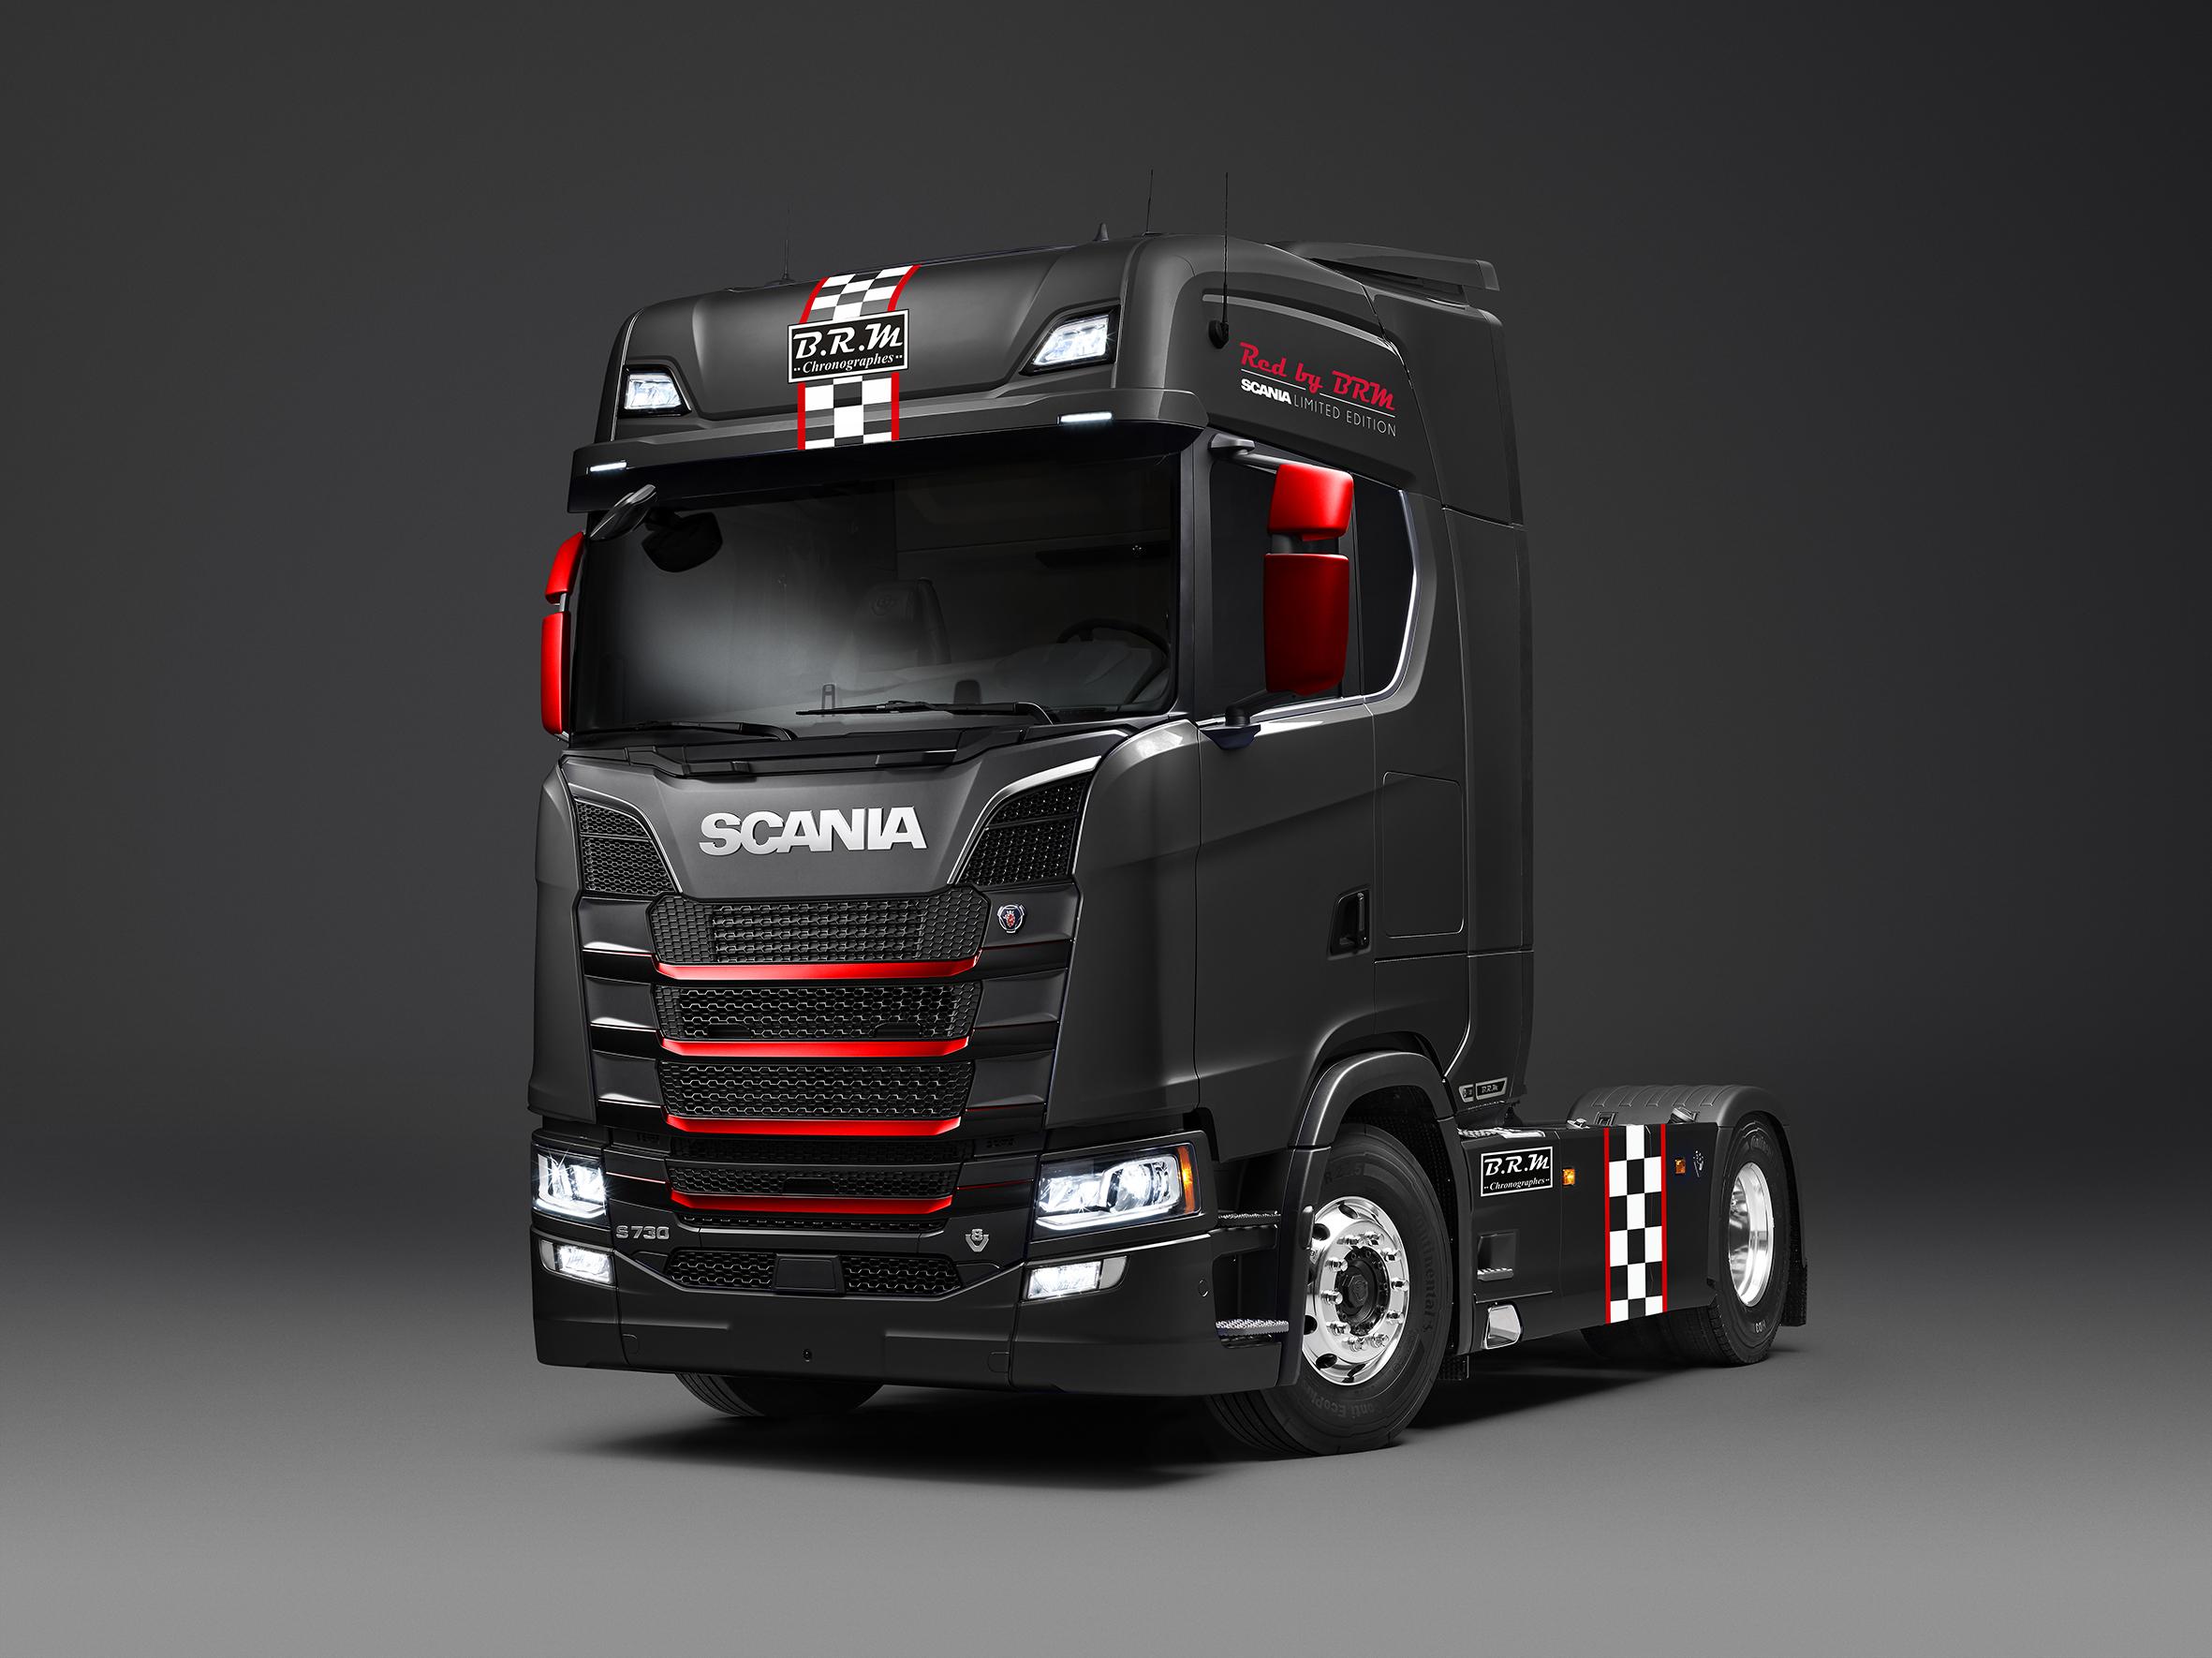 Deux S 233 Ries Limit 233 Es Scania Brm Scania France